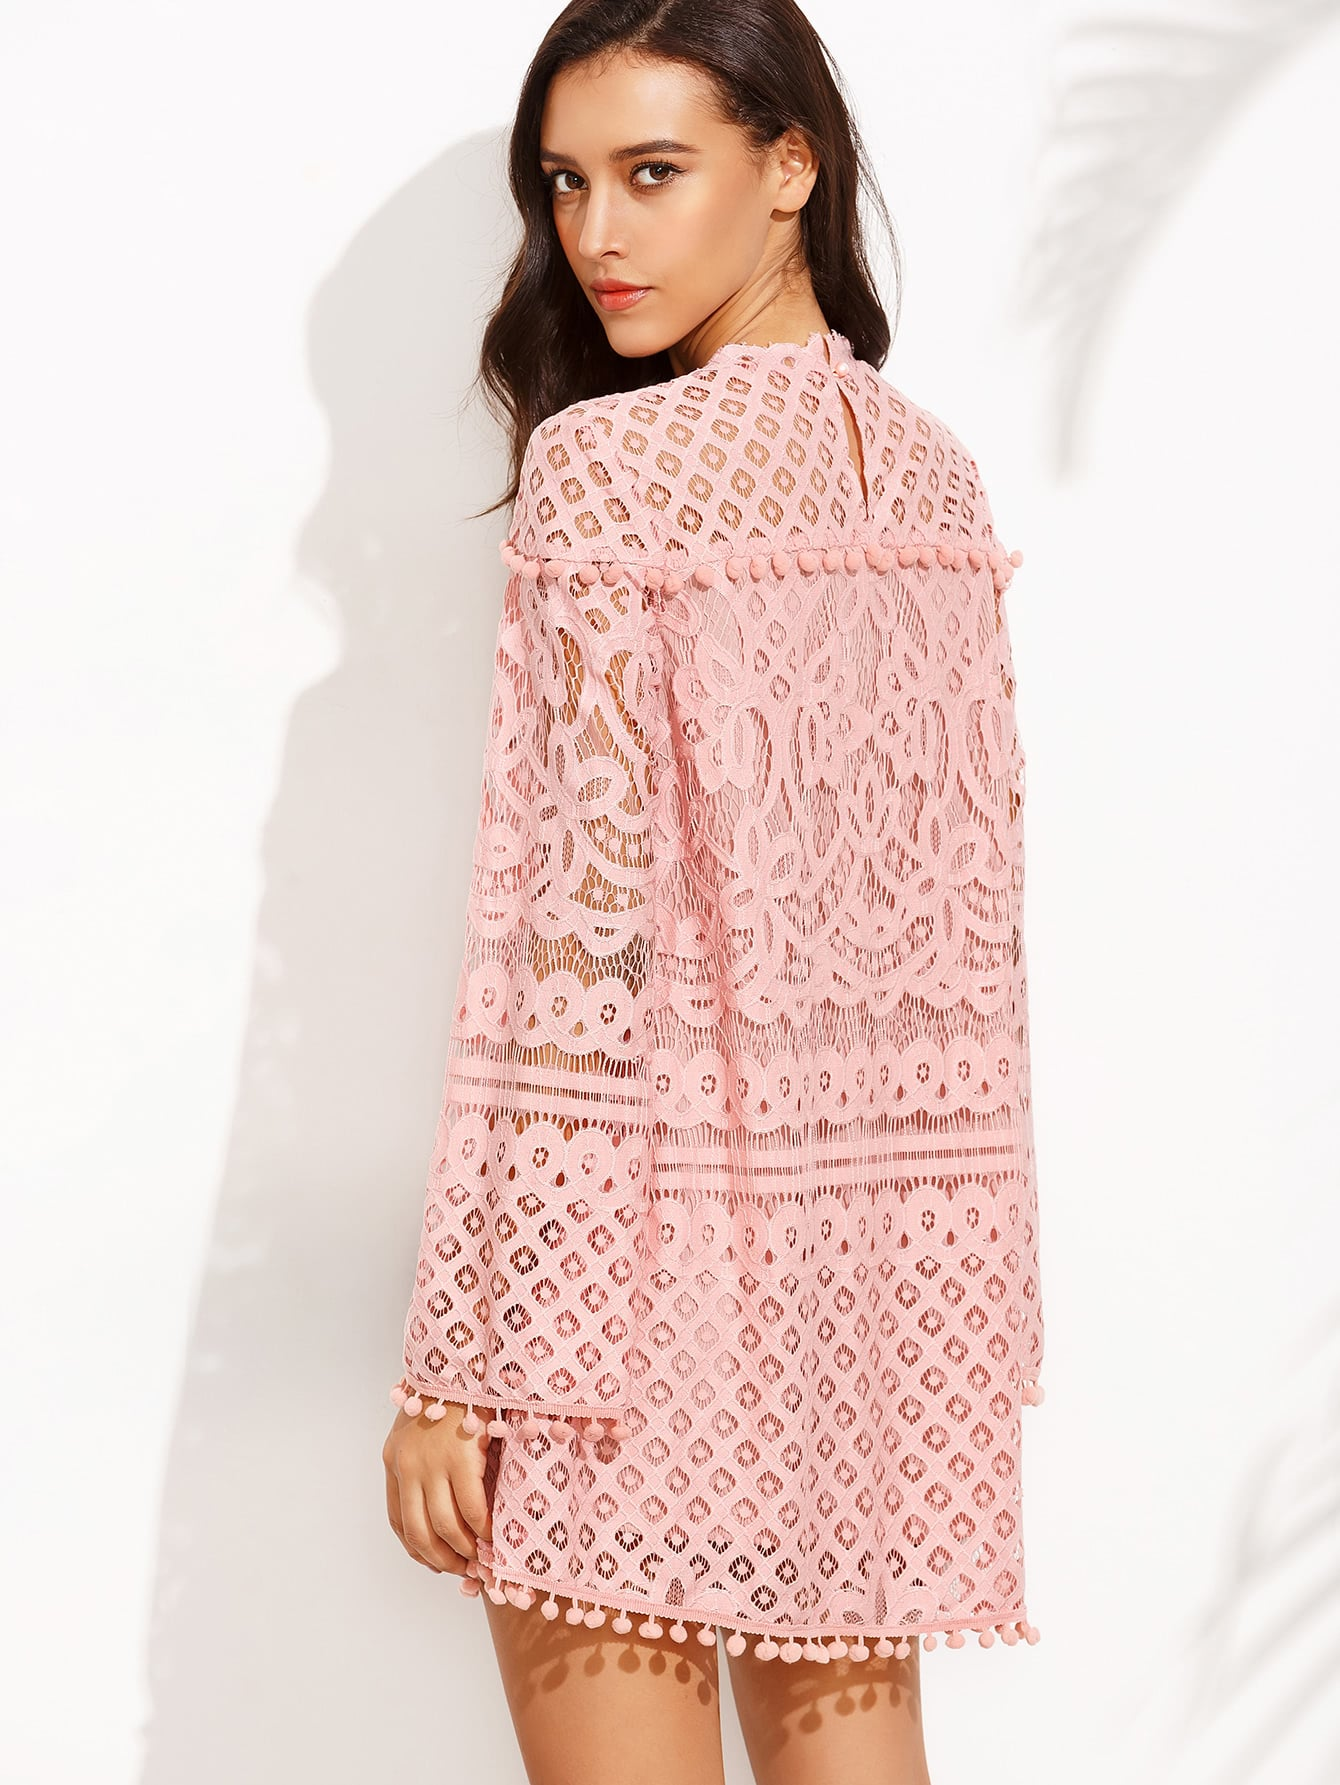 dress160727508_2